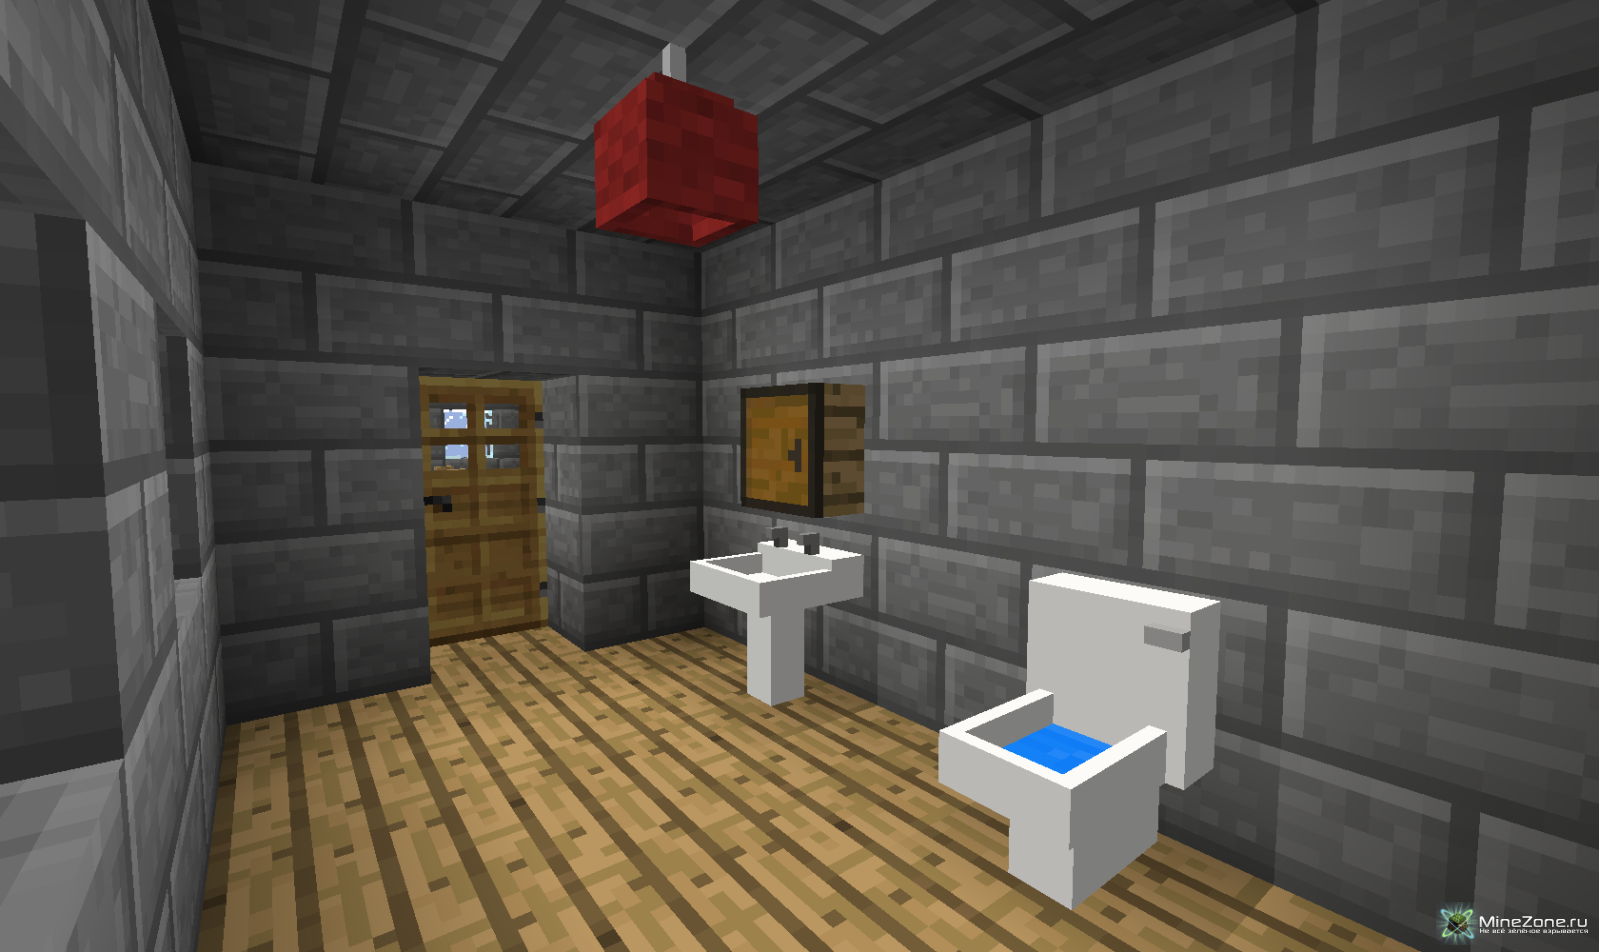 моды майнкрафт на домашние вещи как душ ванна забор #4